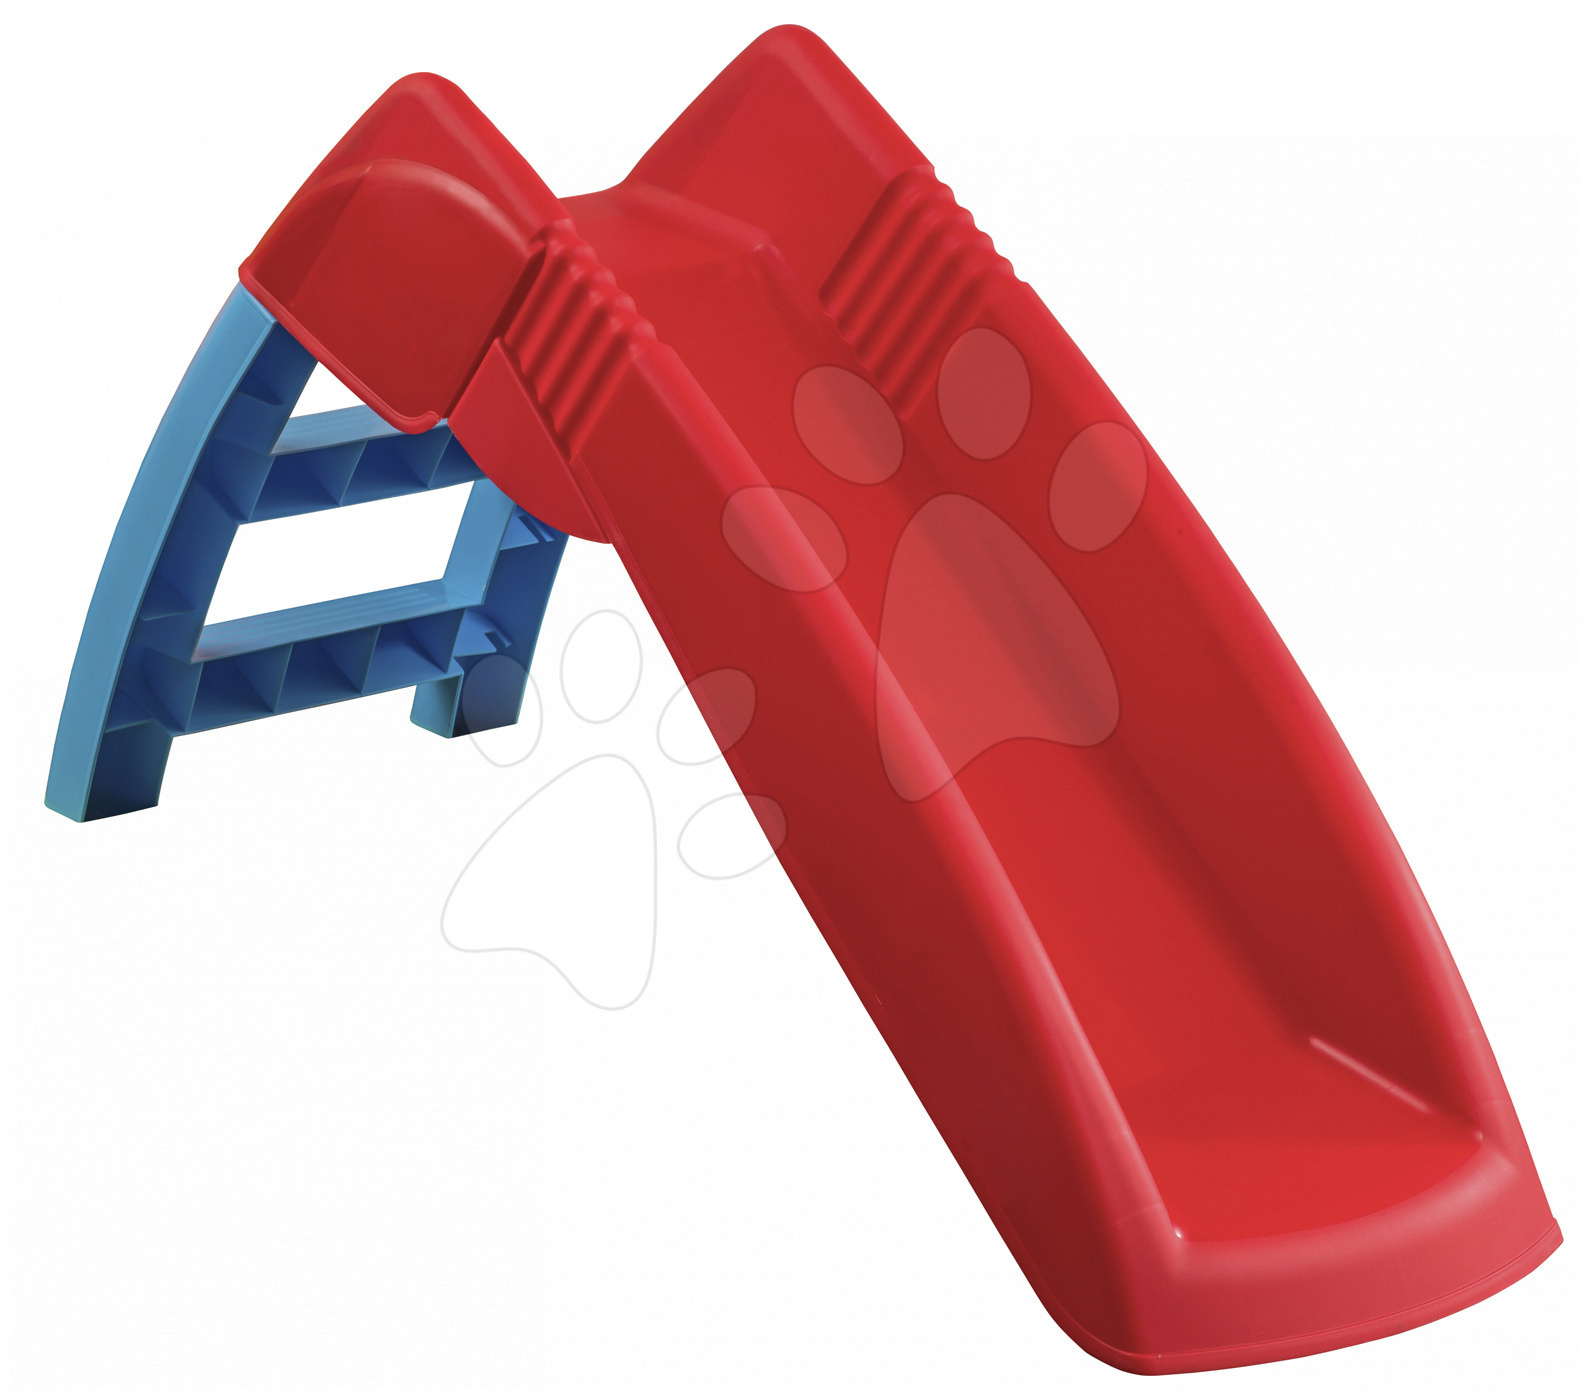 Šmykľavky pre deti  - Šmykľavka First PalPlay dĺžka 72 cm červeno-modrá od 24 mes